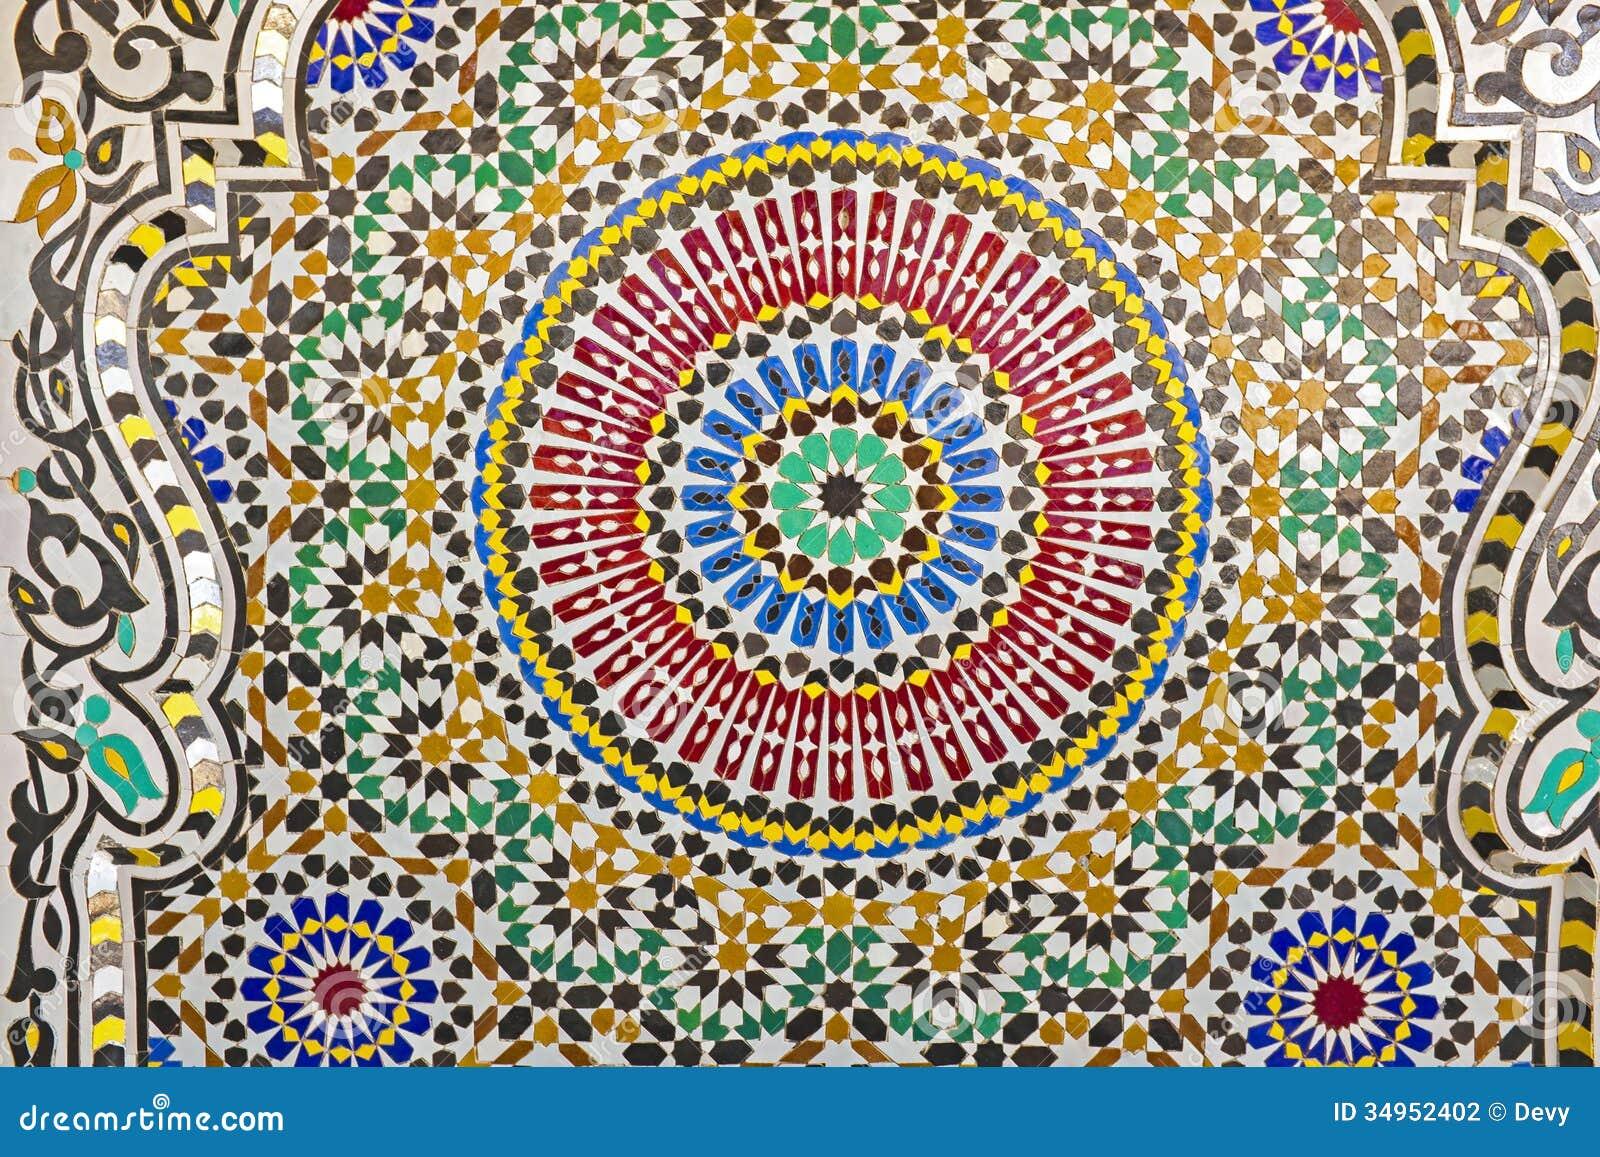 Mexican Tile Saltillo Tile Talavera Tile  Mexican Tile